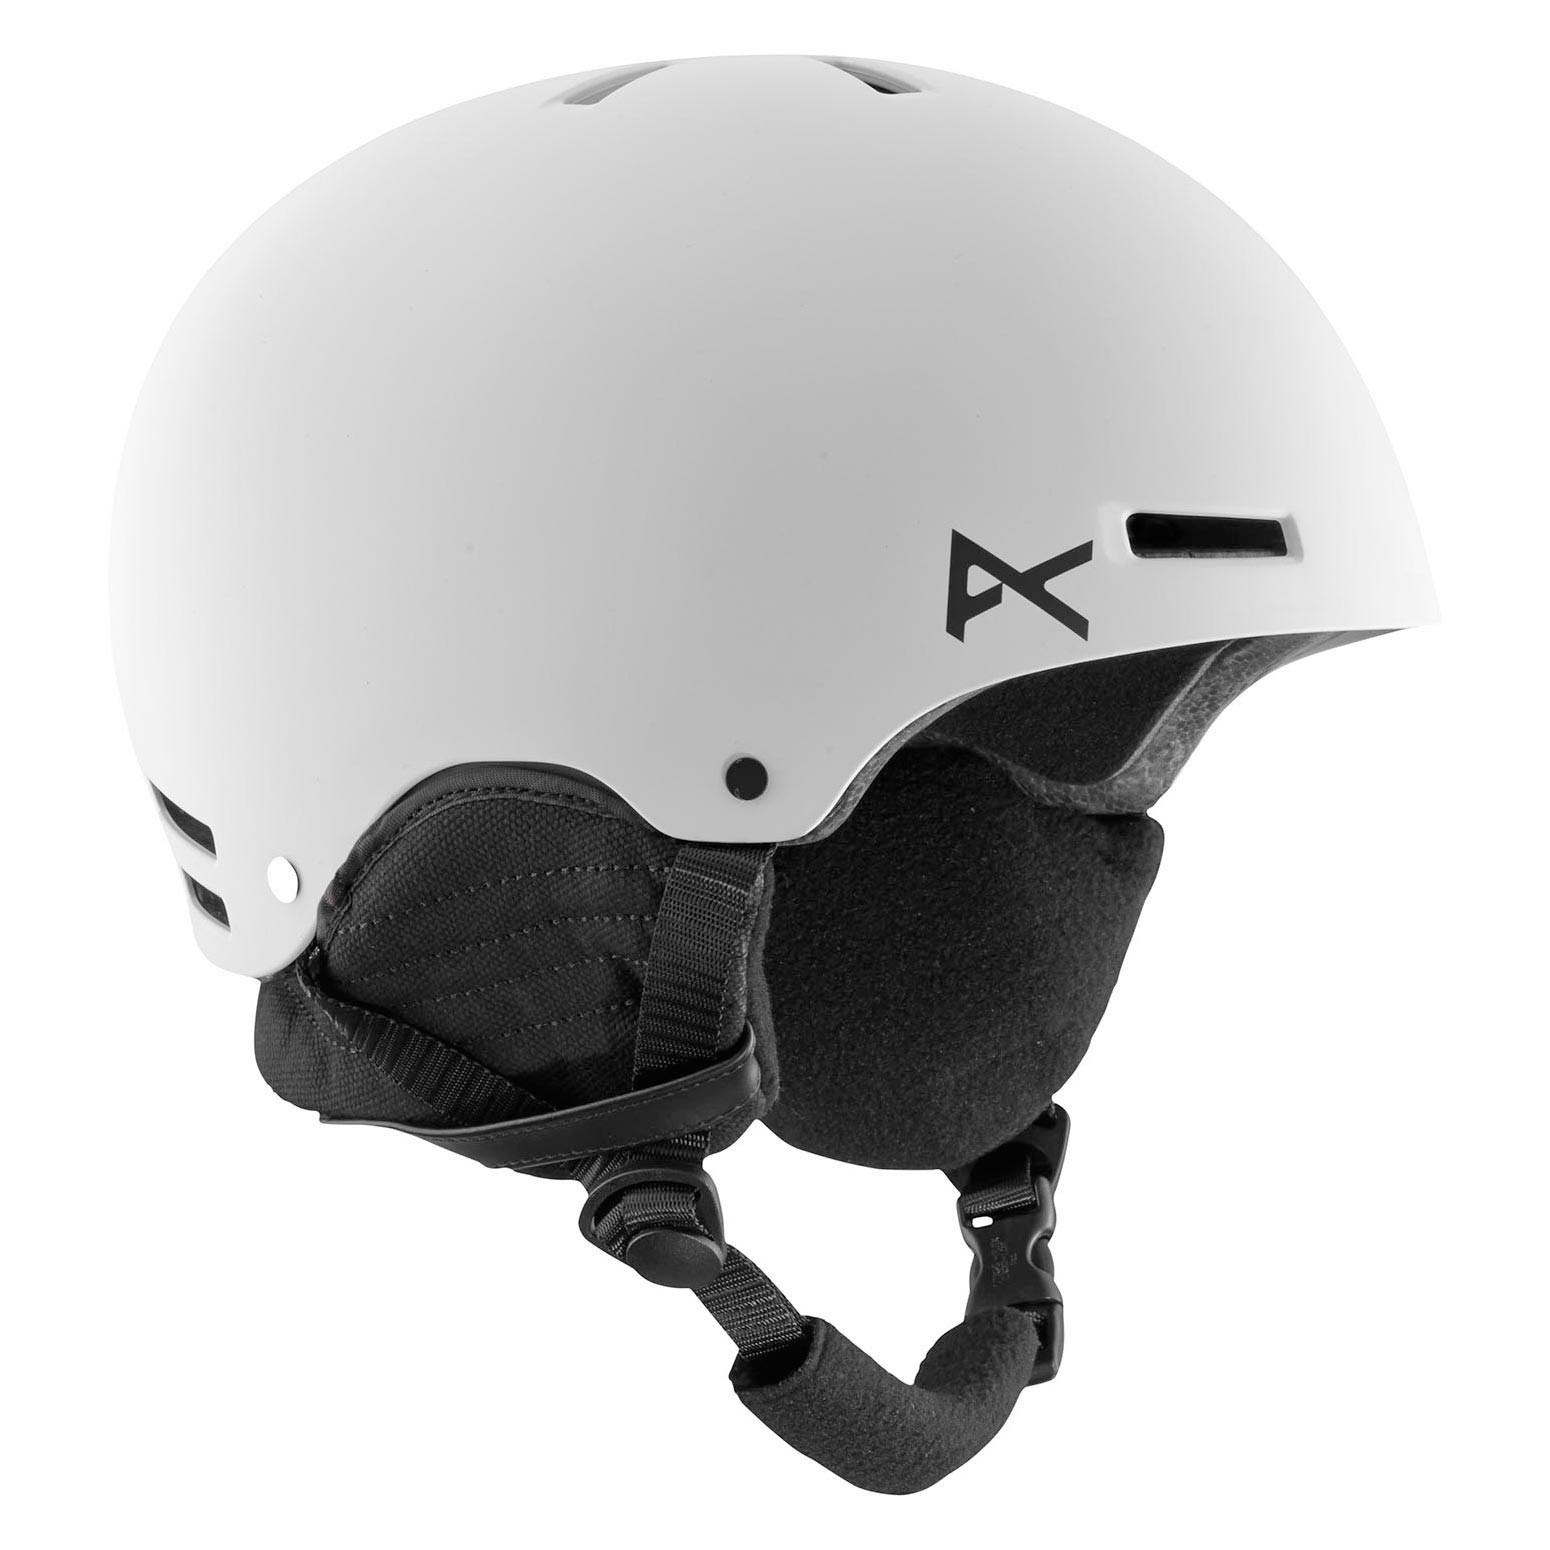 Helma Anon Raider white vel.XL 16/17 + doručení do 24 hodin